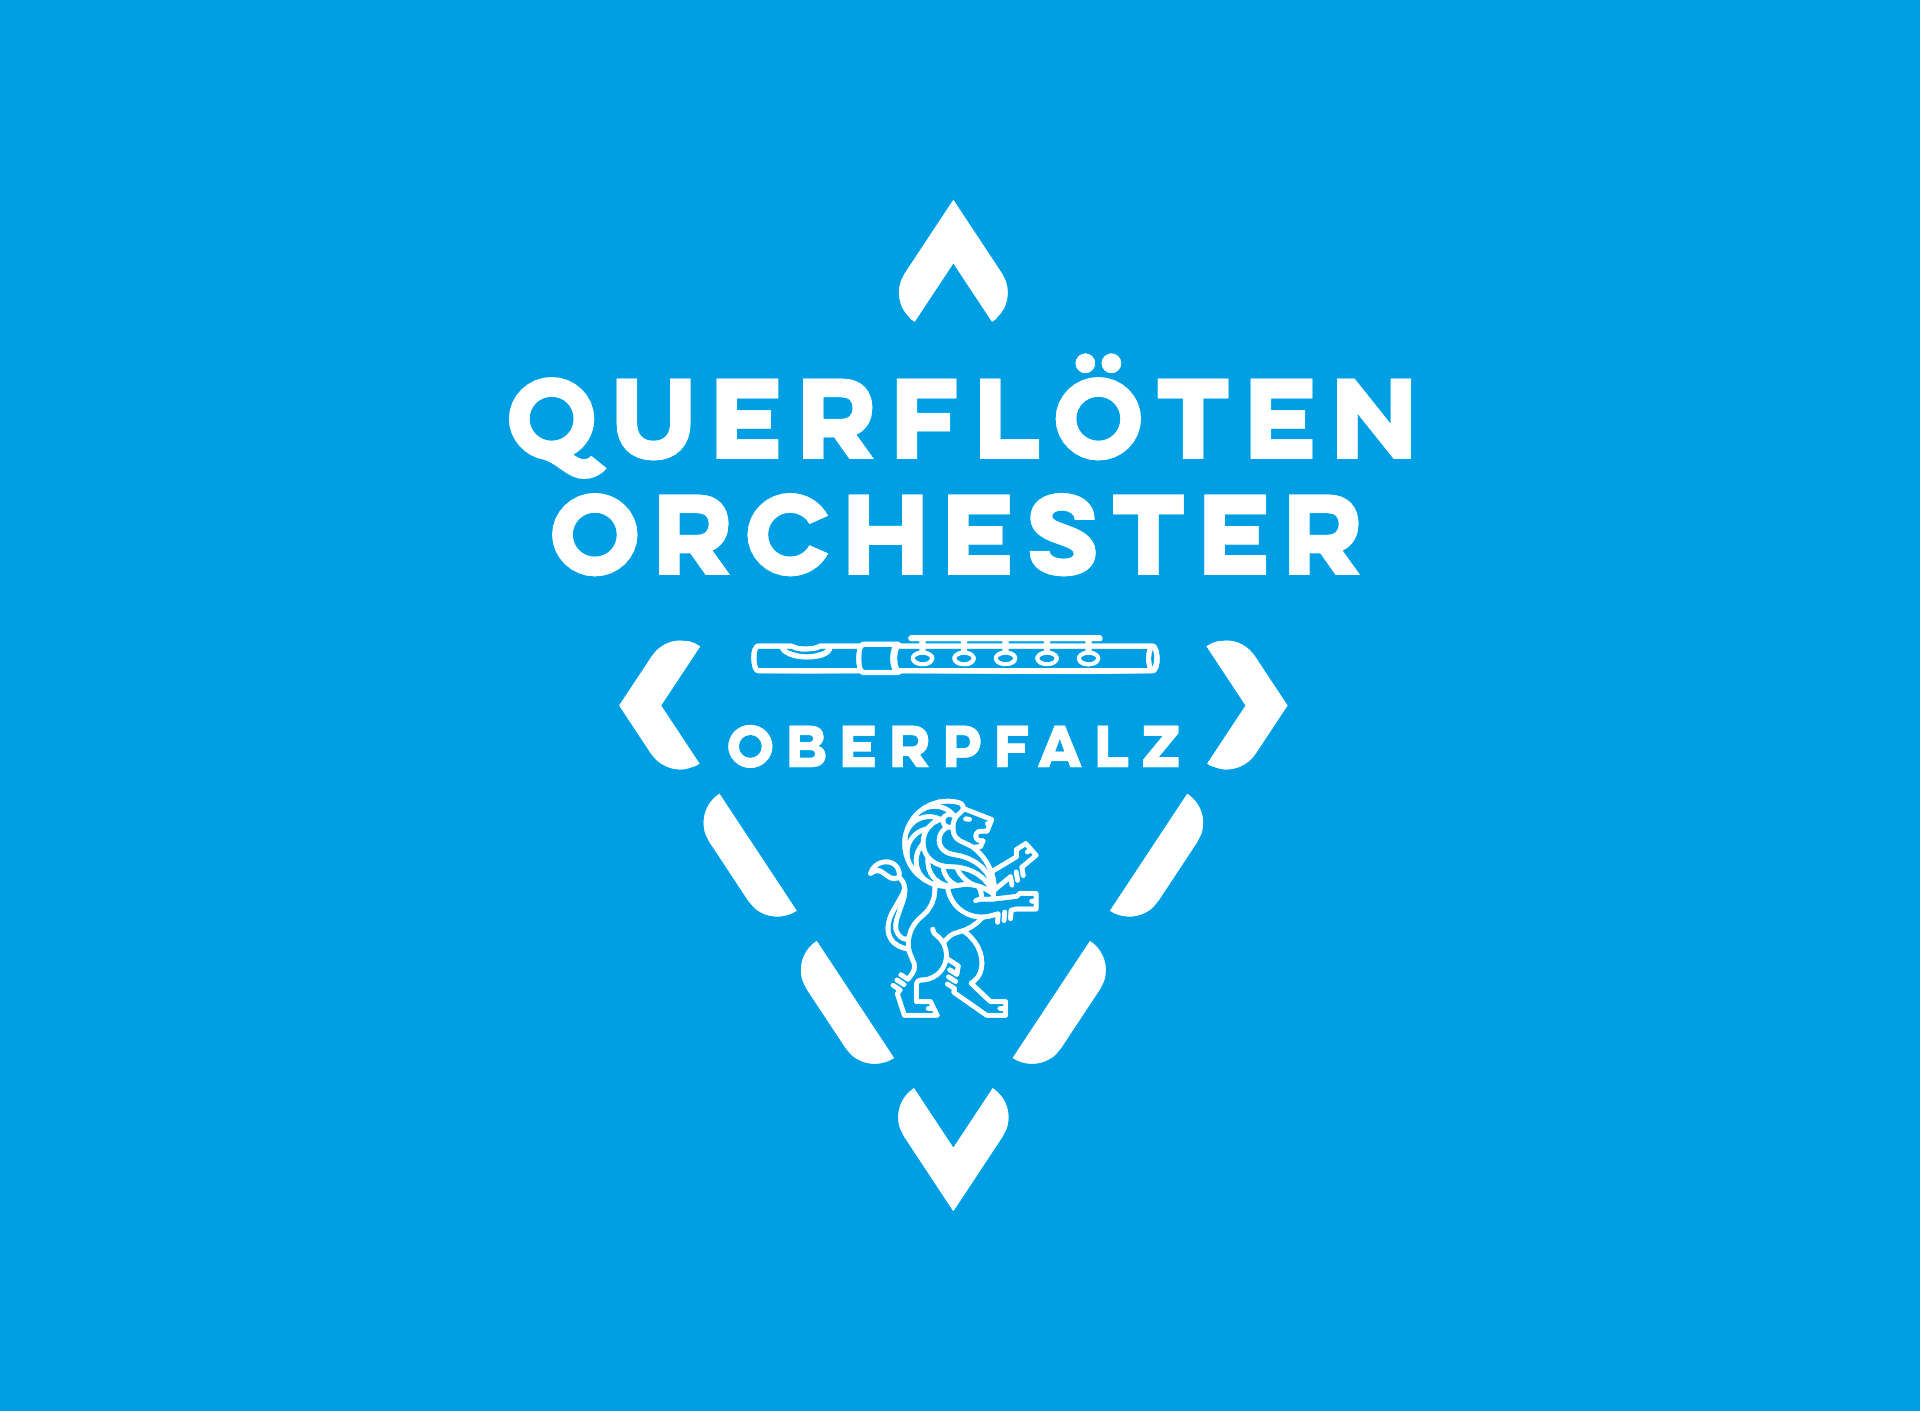 querfloeten-orchester-oberpfalz-logo